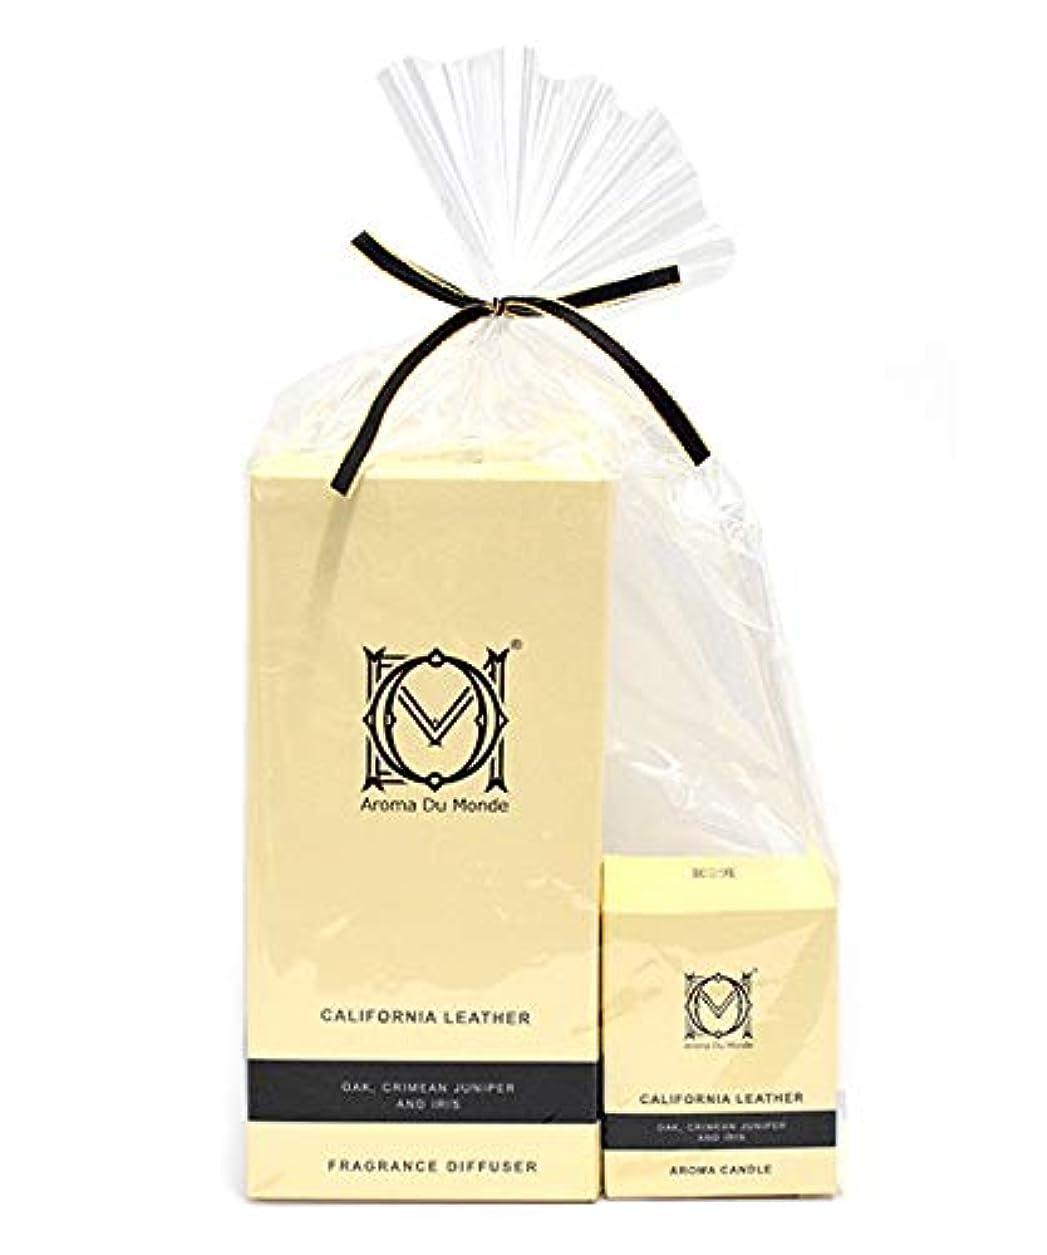 資格非常に背景フレグランスディフューザー&キャンドル カリフォルニアレザー セット Aroma Du Monde/ADM Fragrance Diffuser & Candle California Leather Set 81159